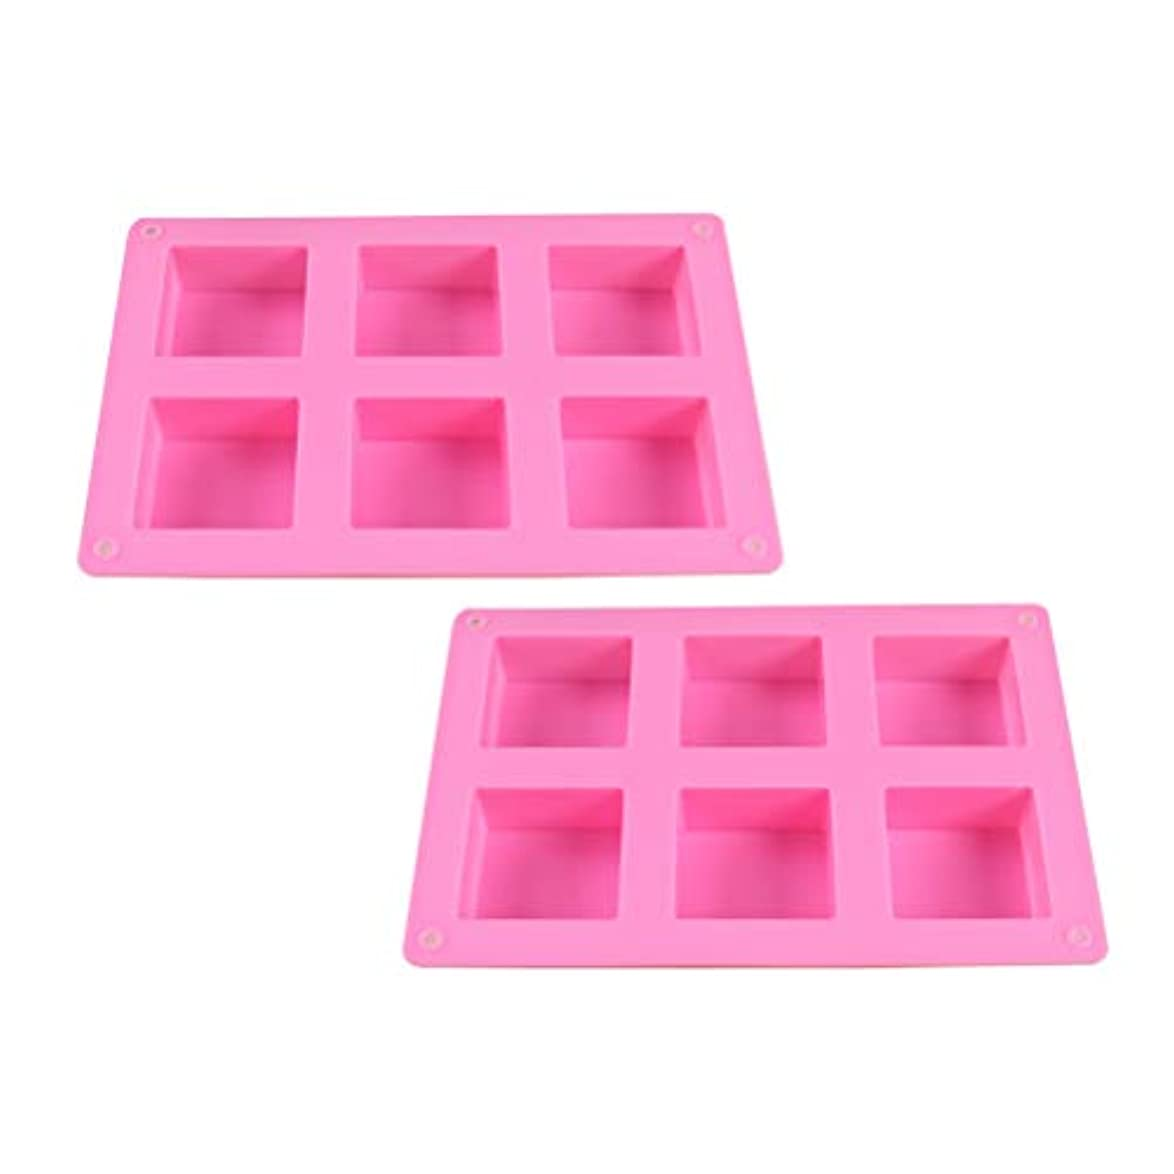 ペースト生活ローブHEALIFTY DIYのケーキのベーキング型のための6つのキャビティシリコーンの石鹸型との石鹸作りのための2PCS石鹸型